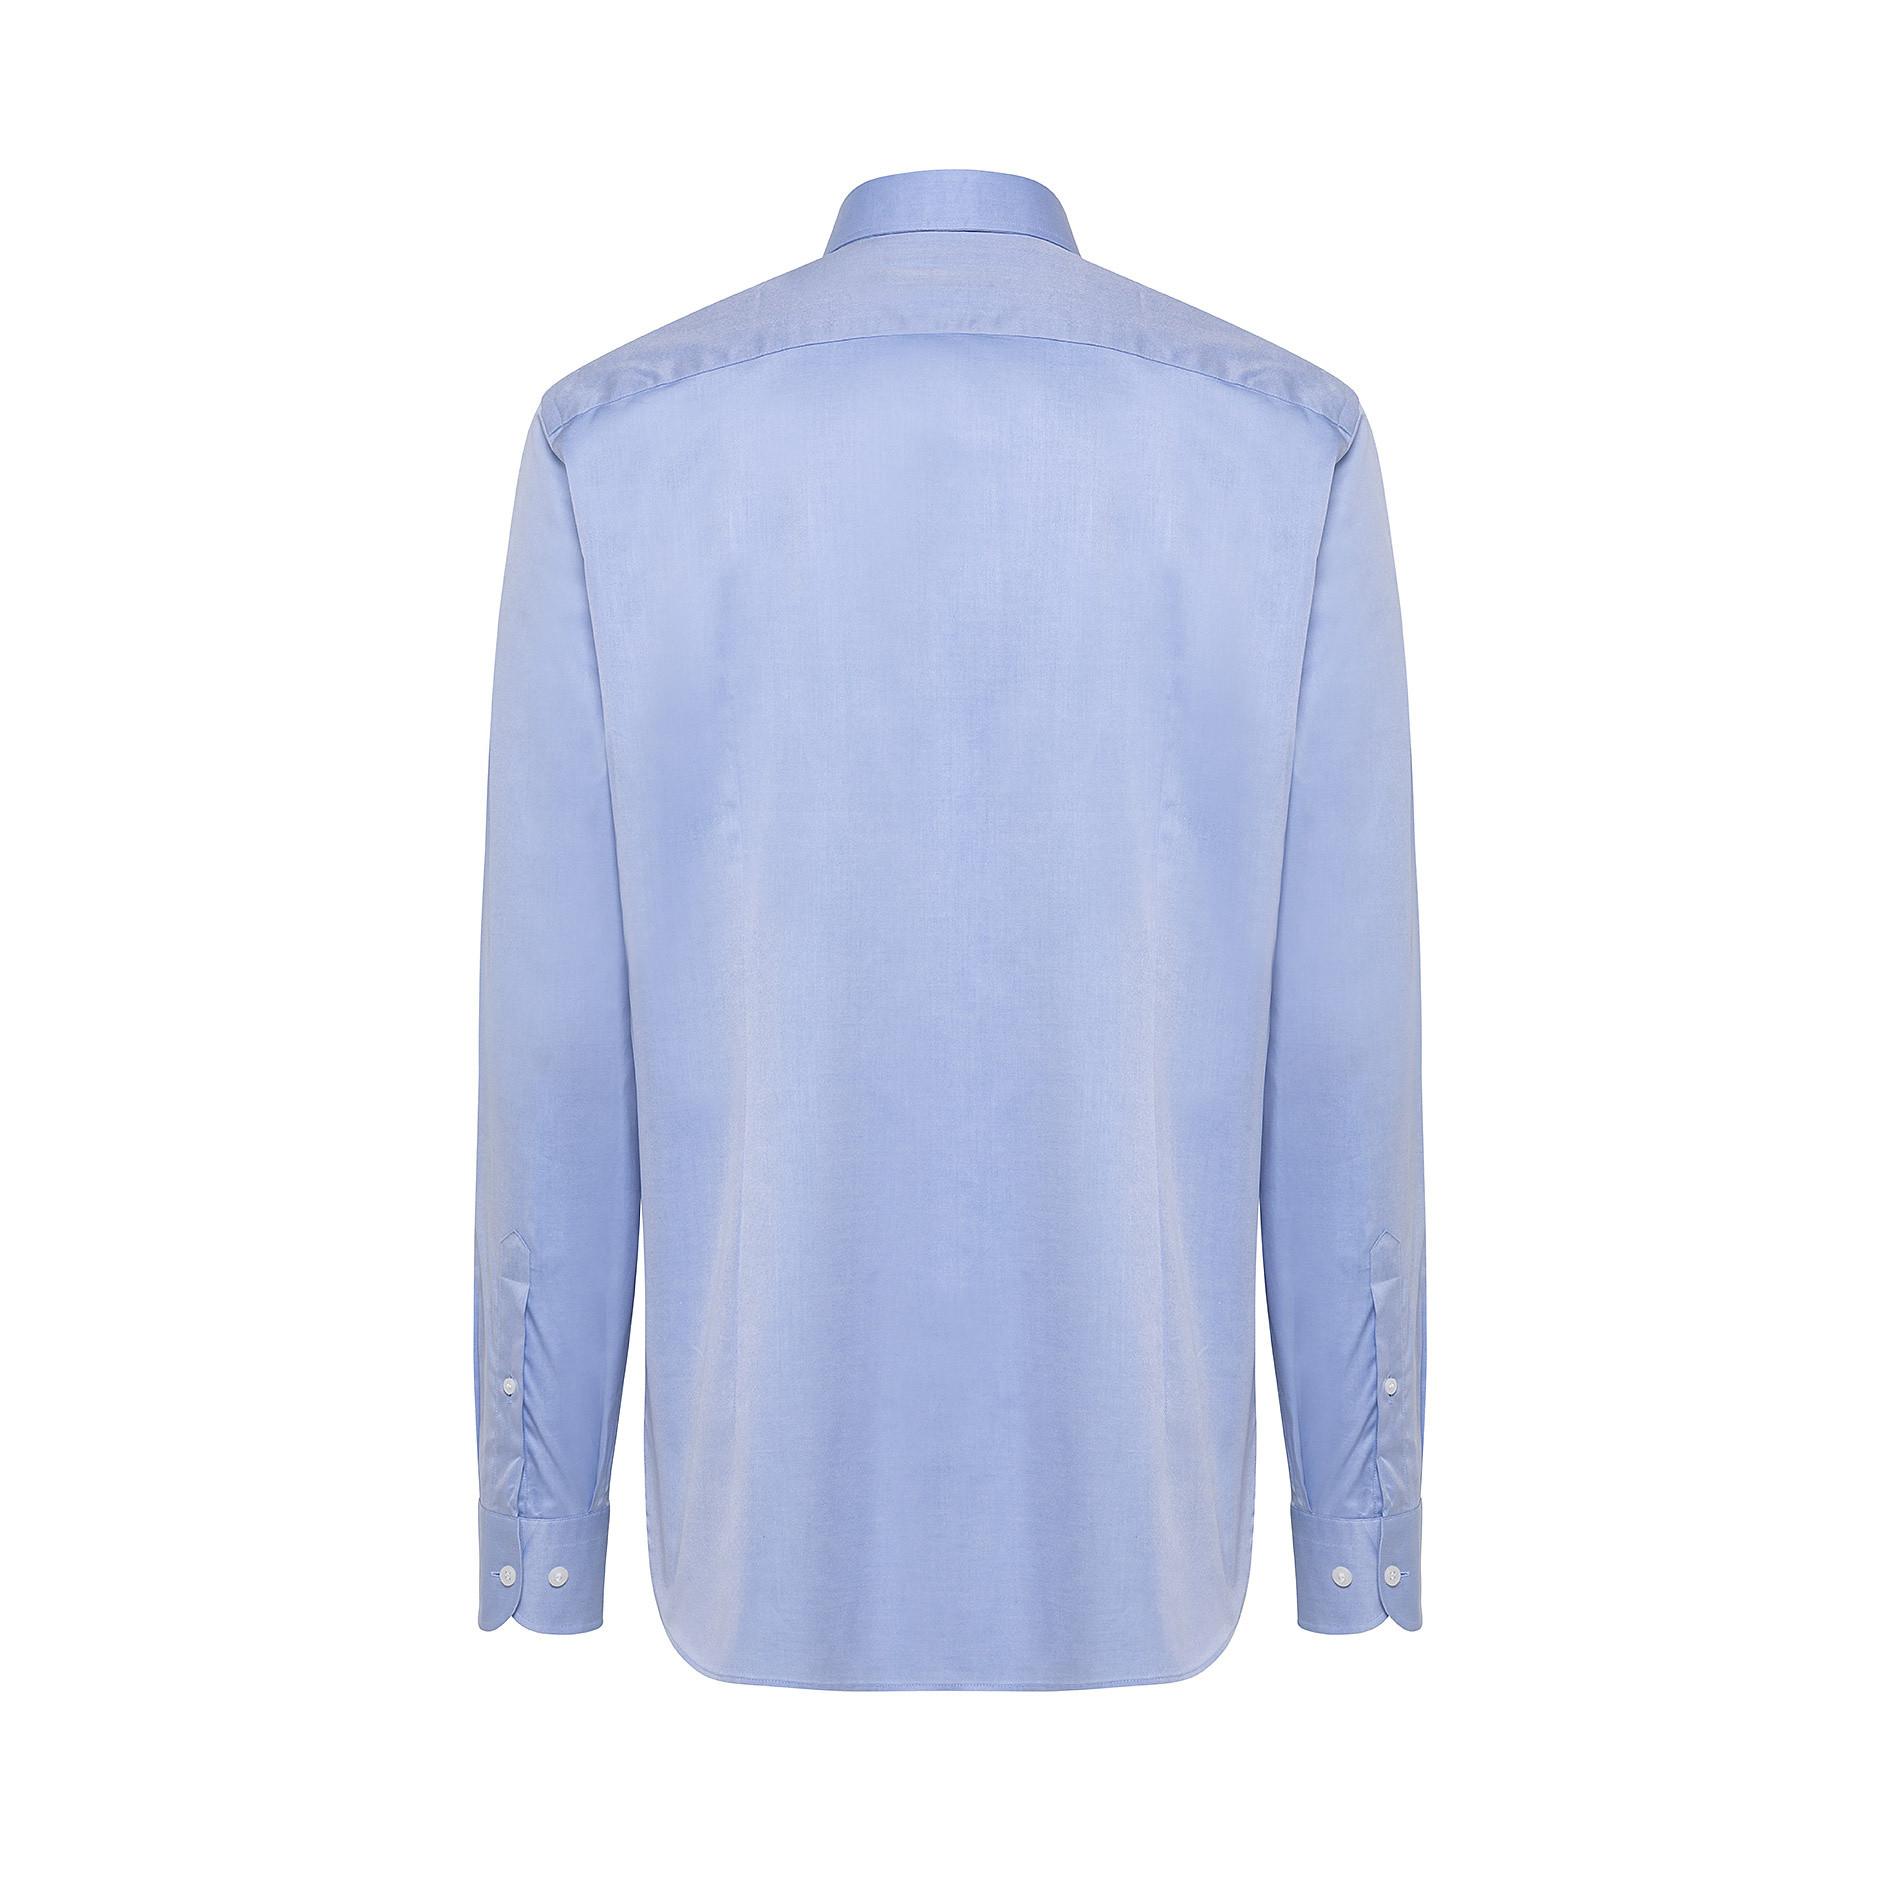 Camicia colletto francese in twill di cotone, Azzurro, large image number 1